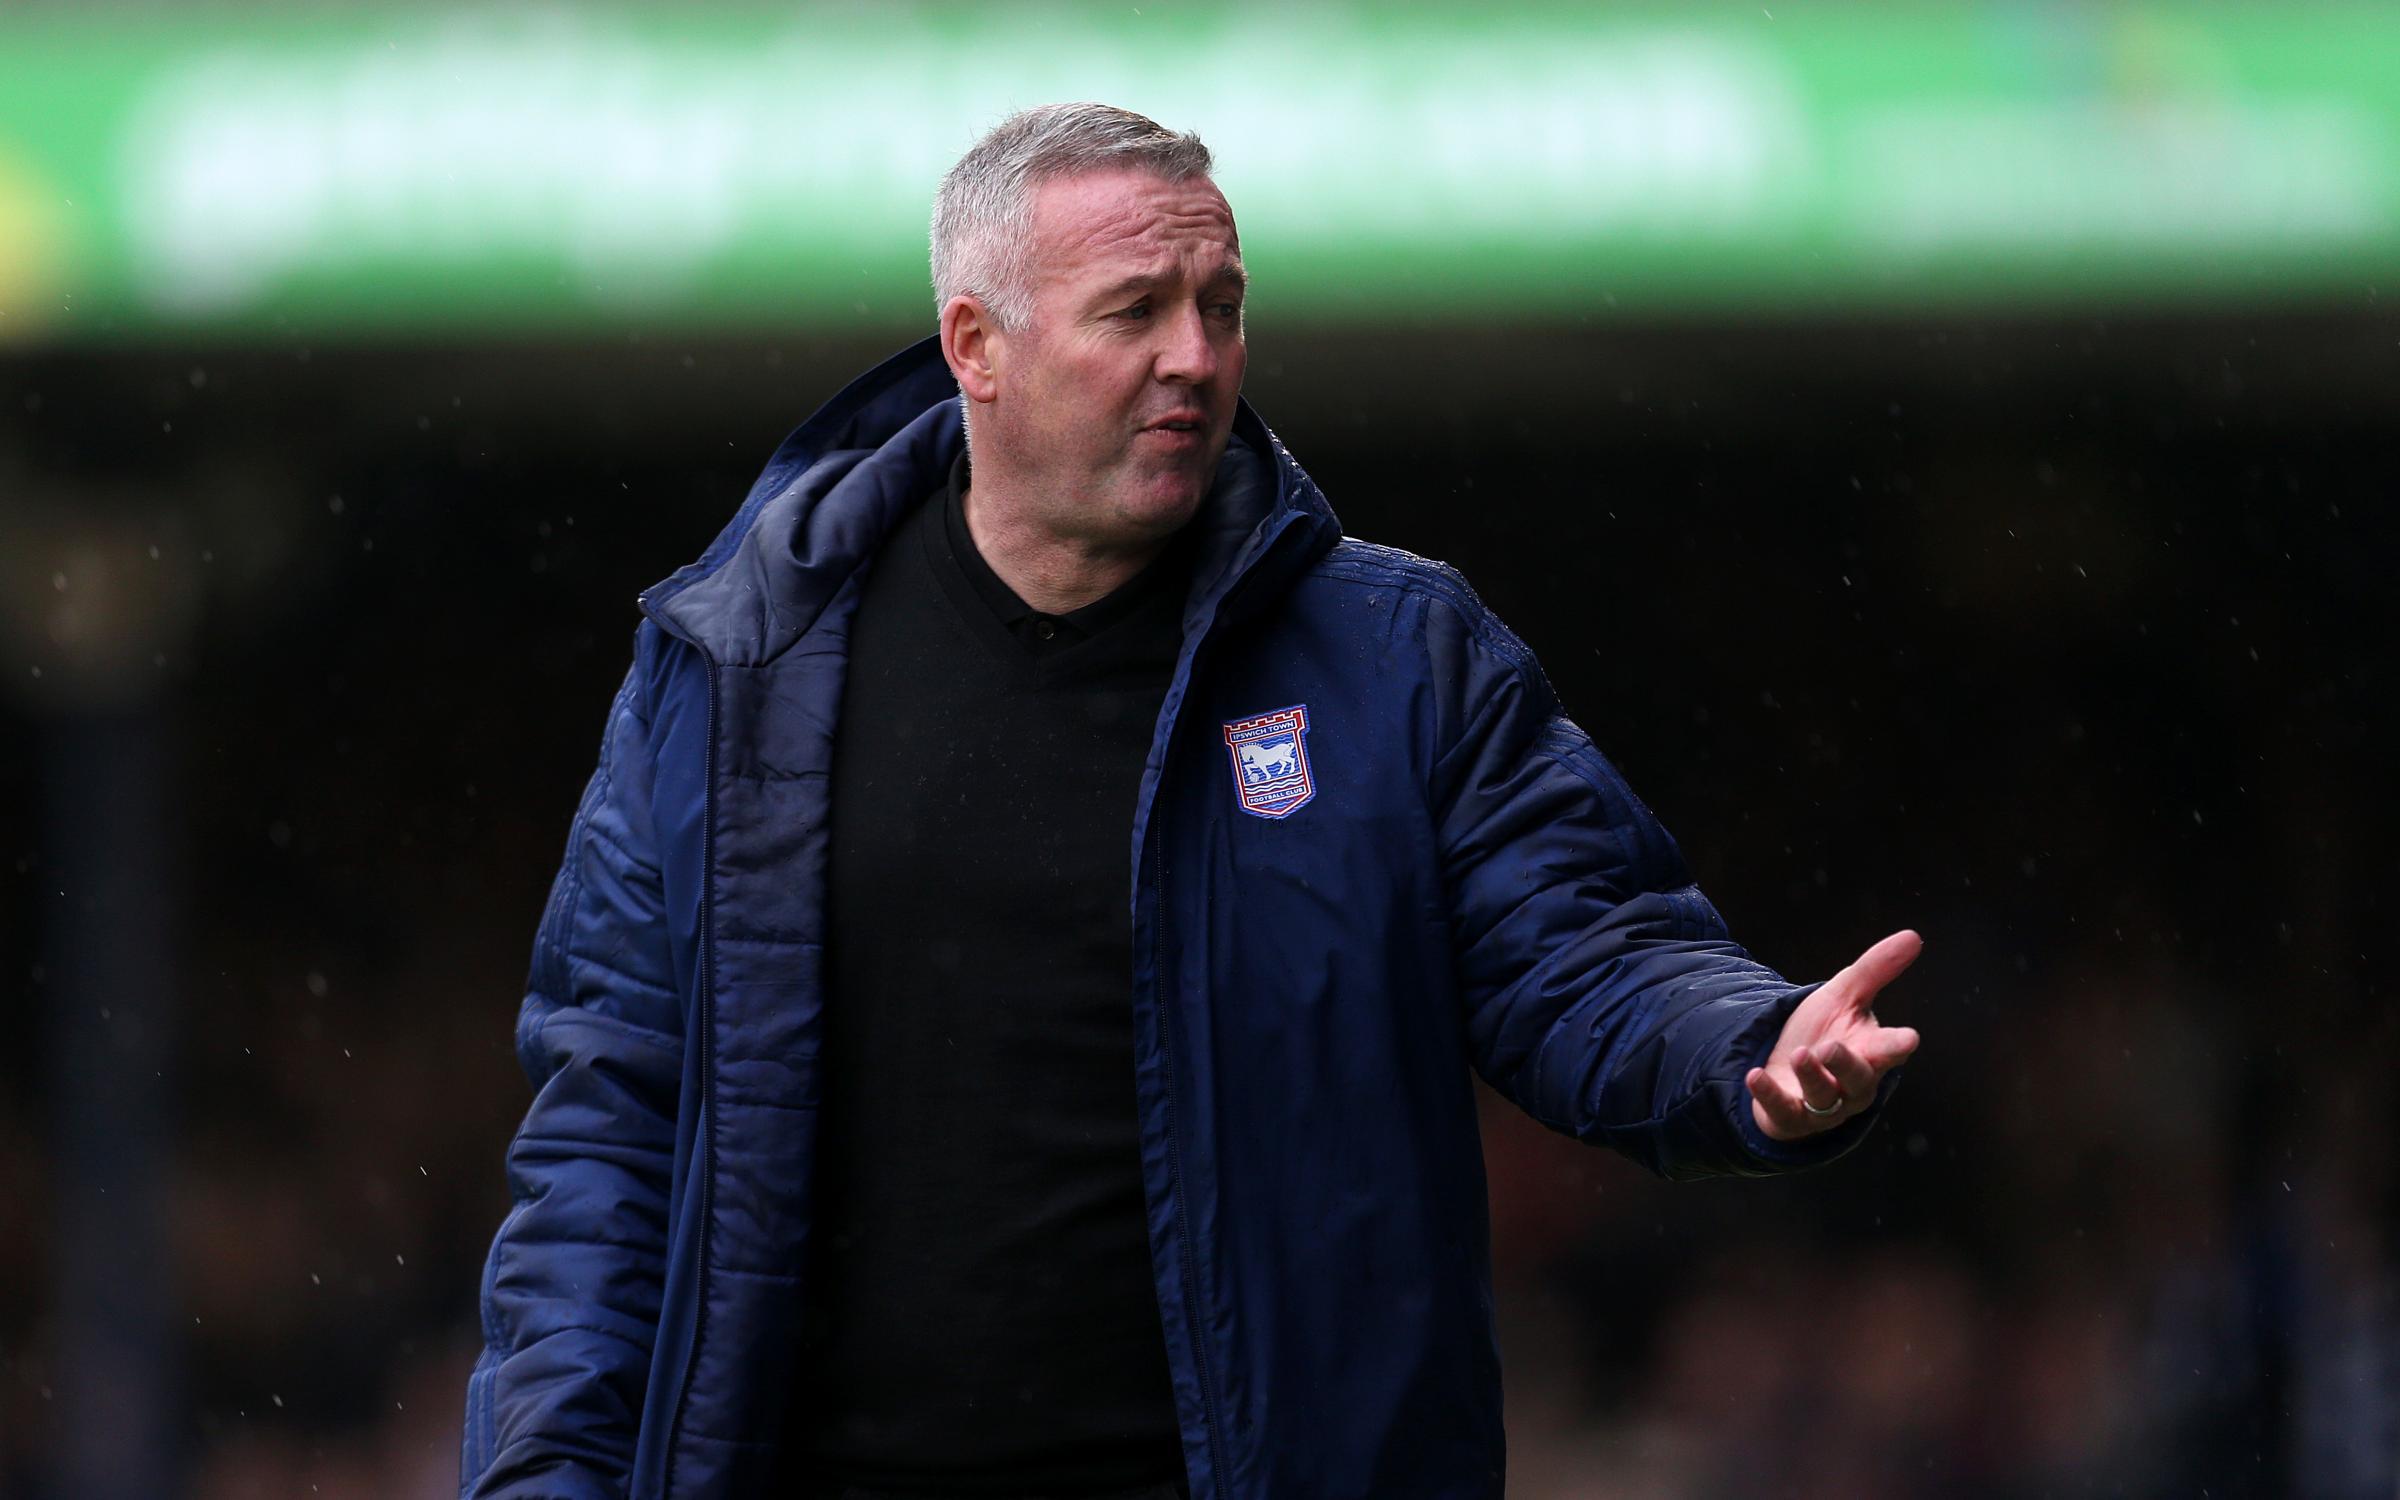 'It was a big mistake': Celtic hero Paul Lambert on Rangers' treatment in 2012